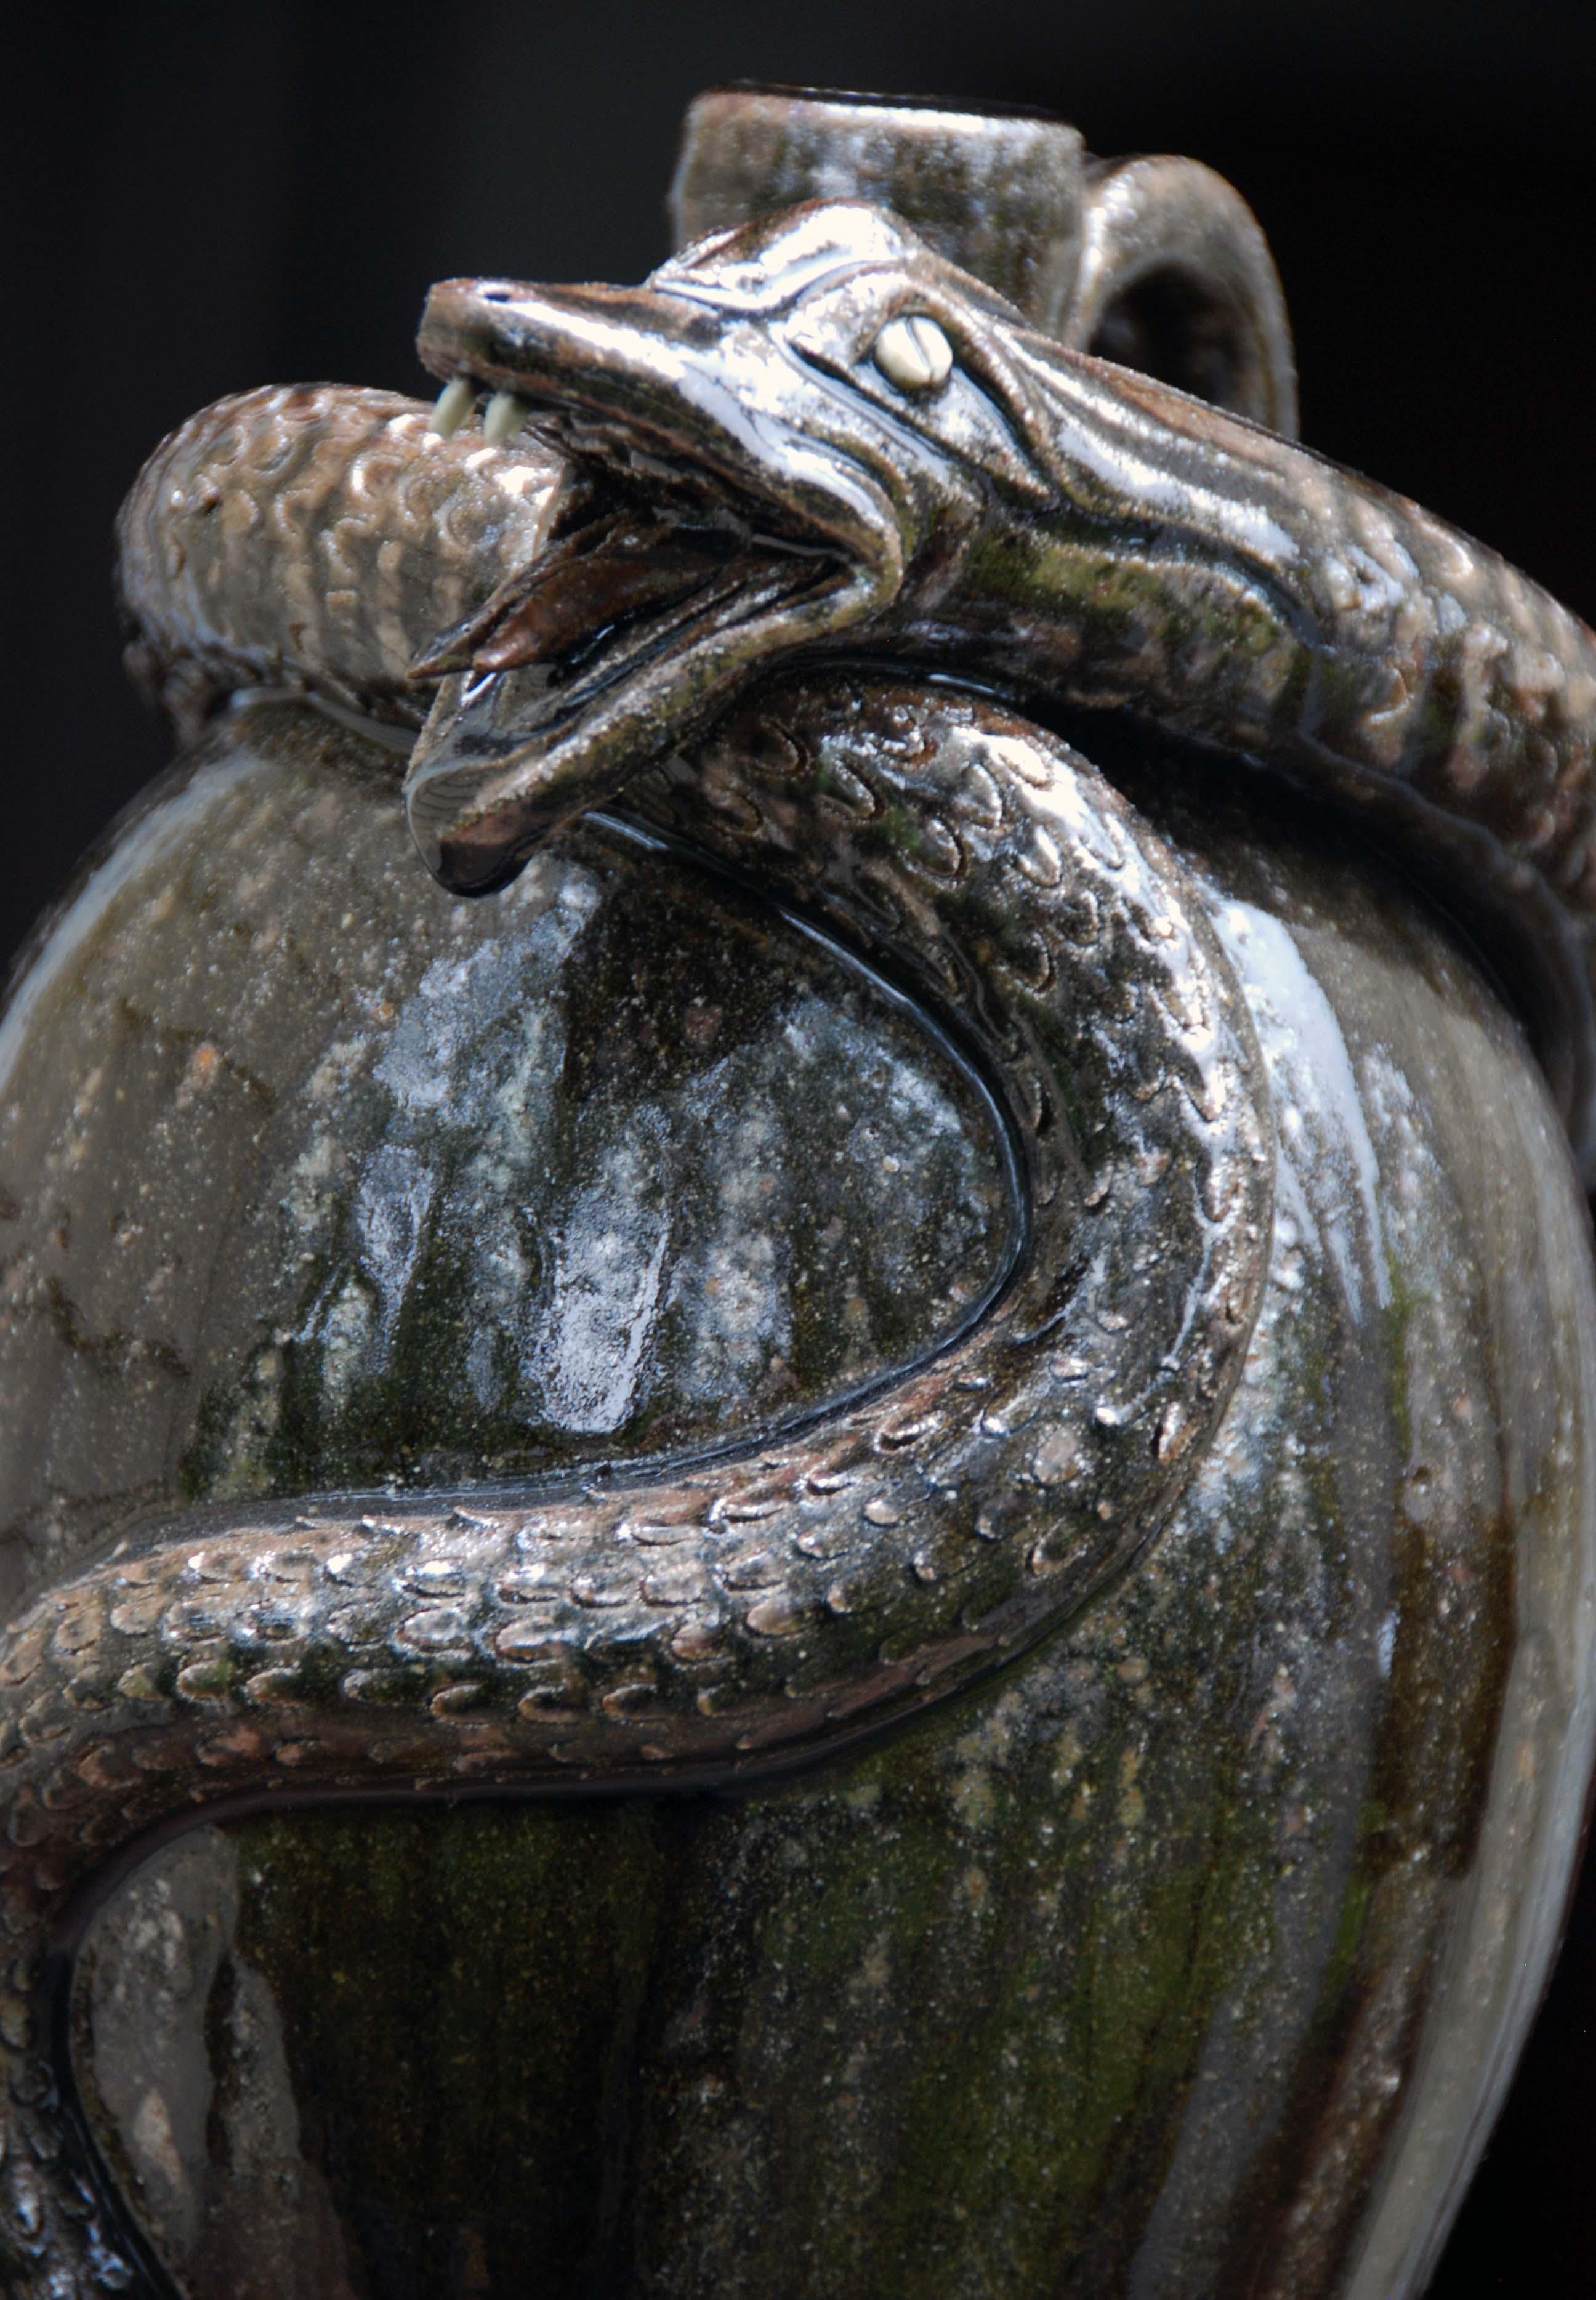 Chad Smith - Snake Jug - Detail